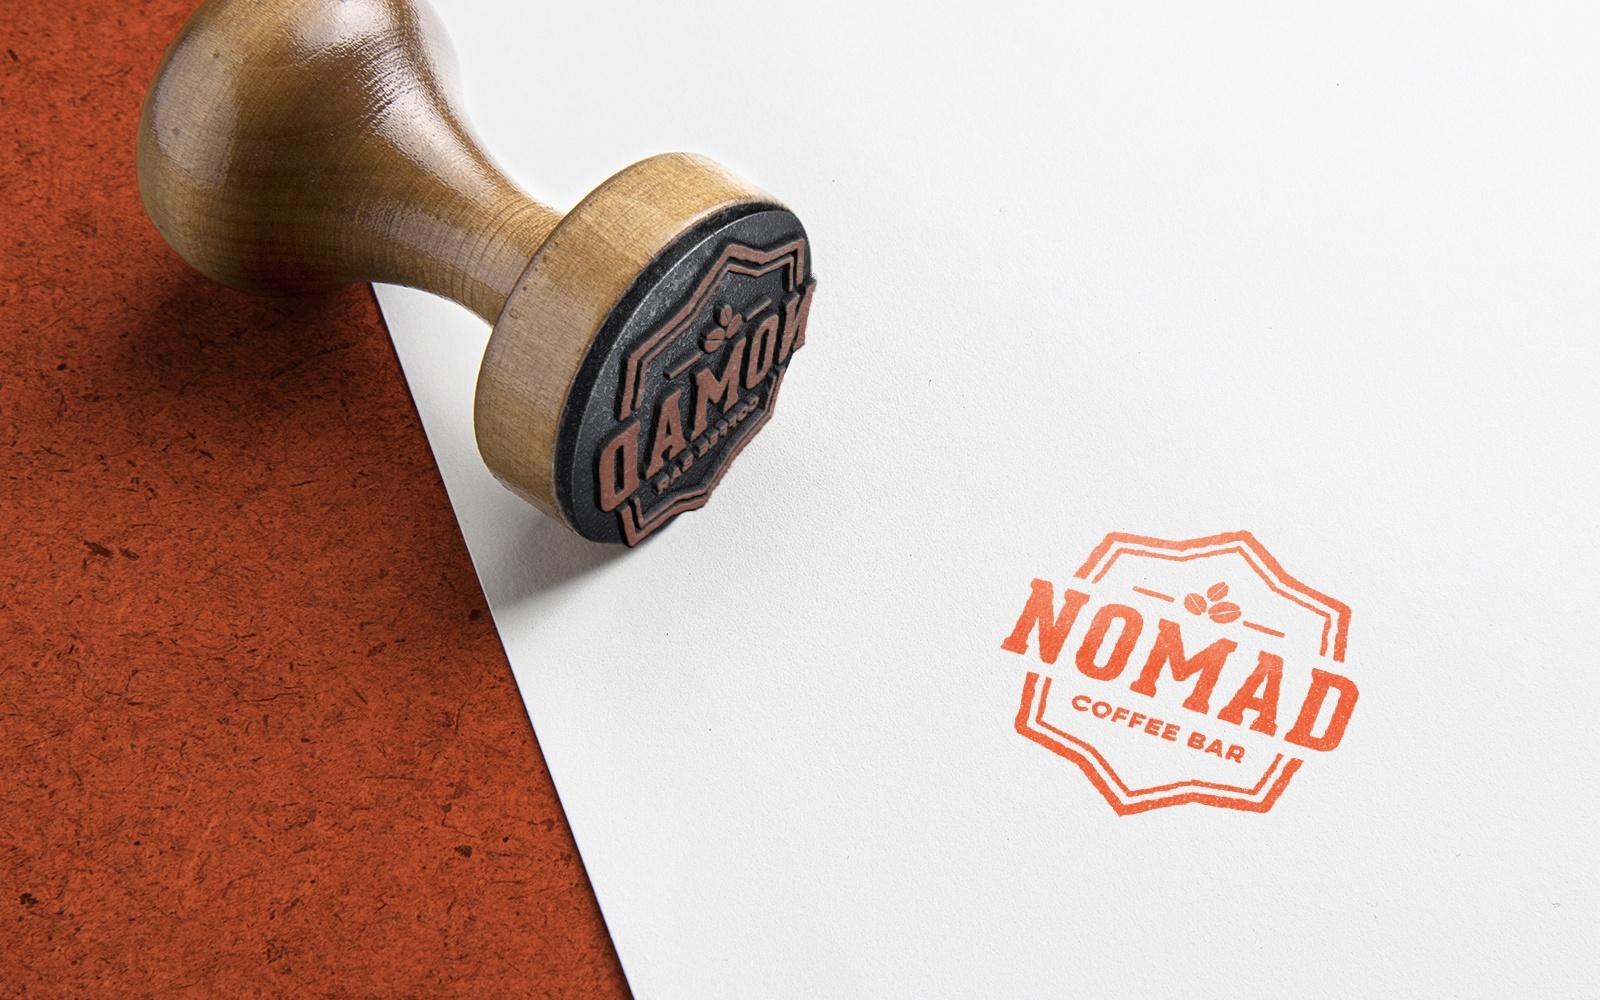 Nomad-PogonWeb-Stamp